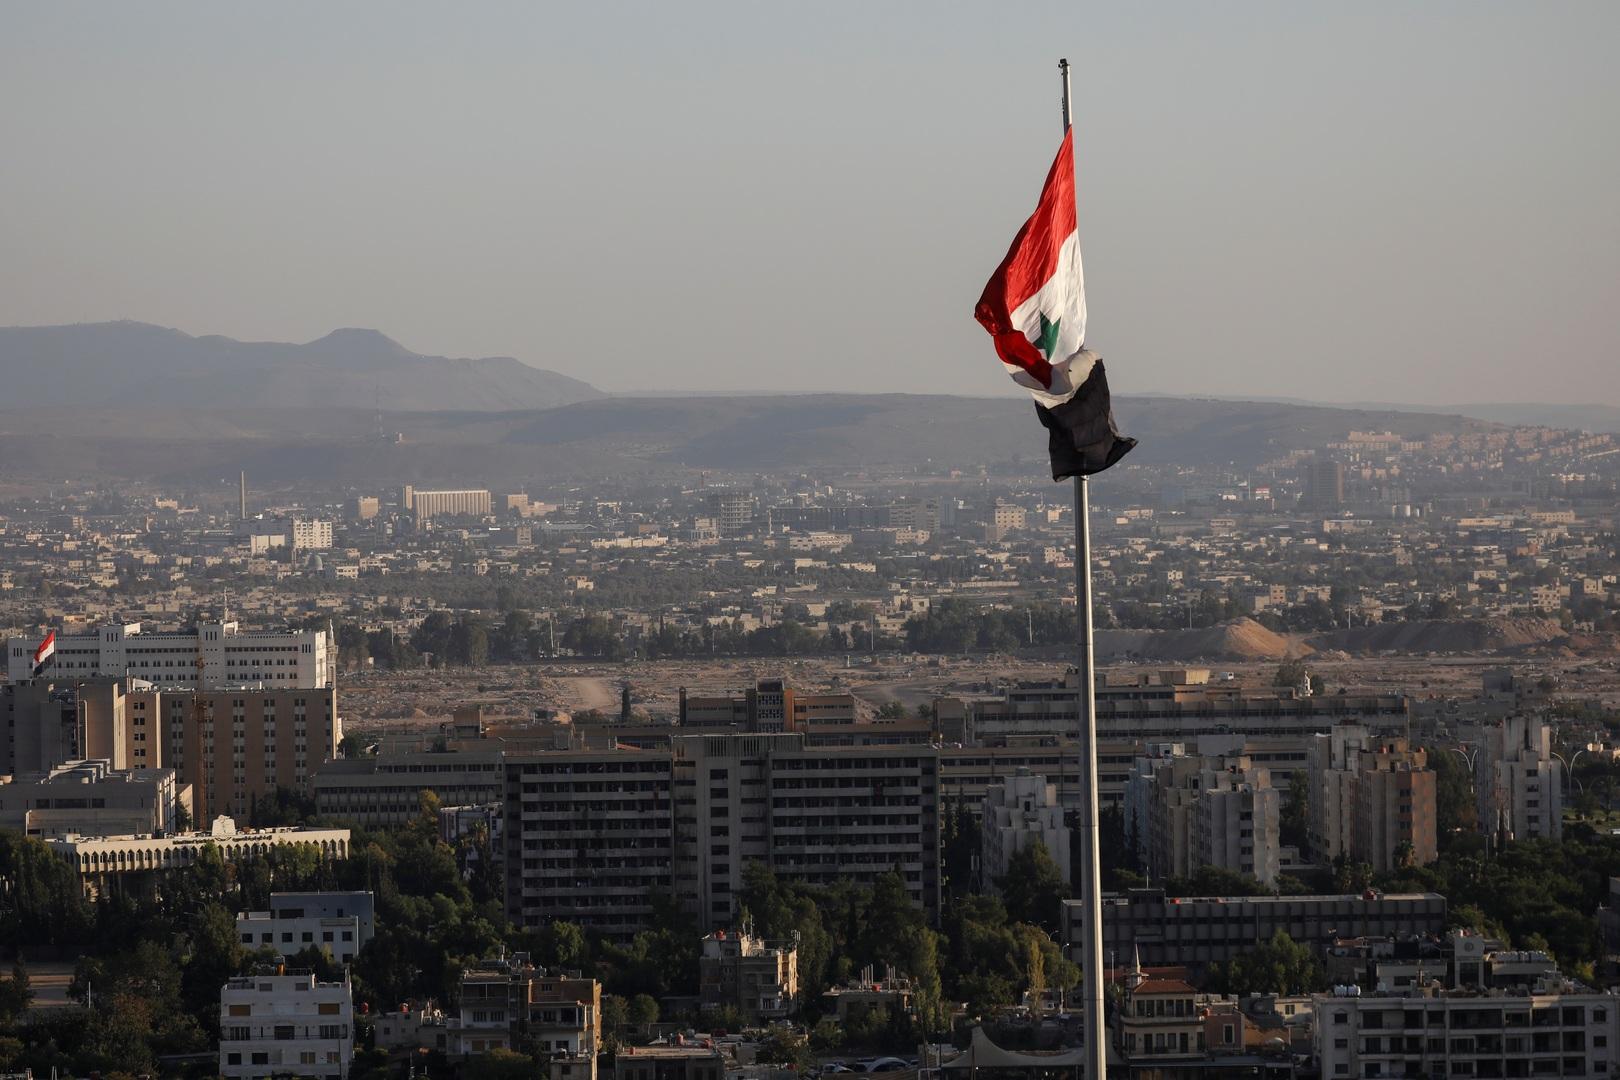 مصرف سوري يتبوأ الصدارة على مستوى الشرق الأوسط